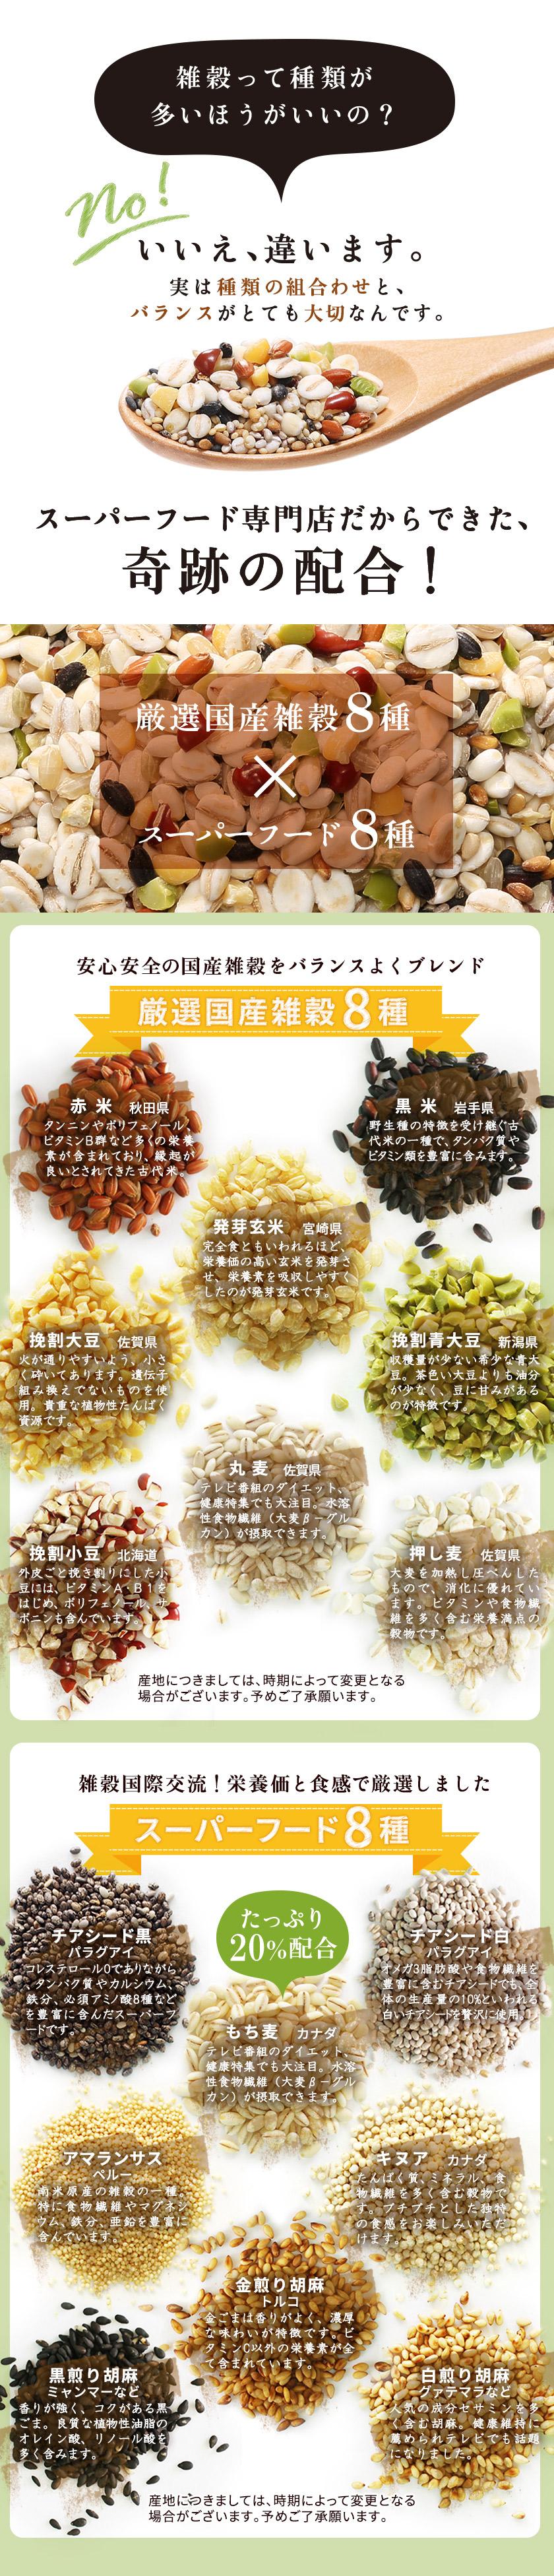 もち麦たっぷり十六種雑穀米